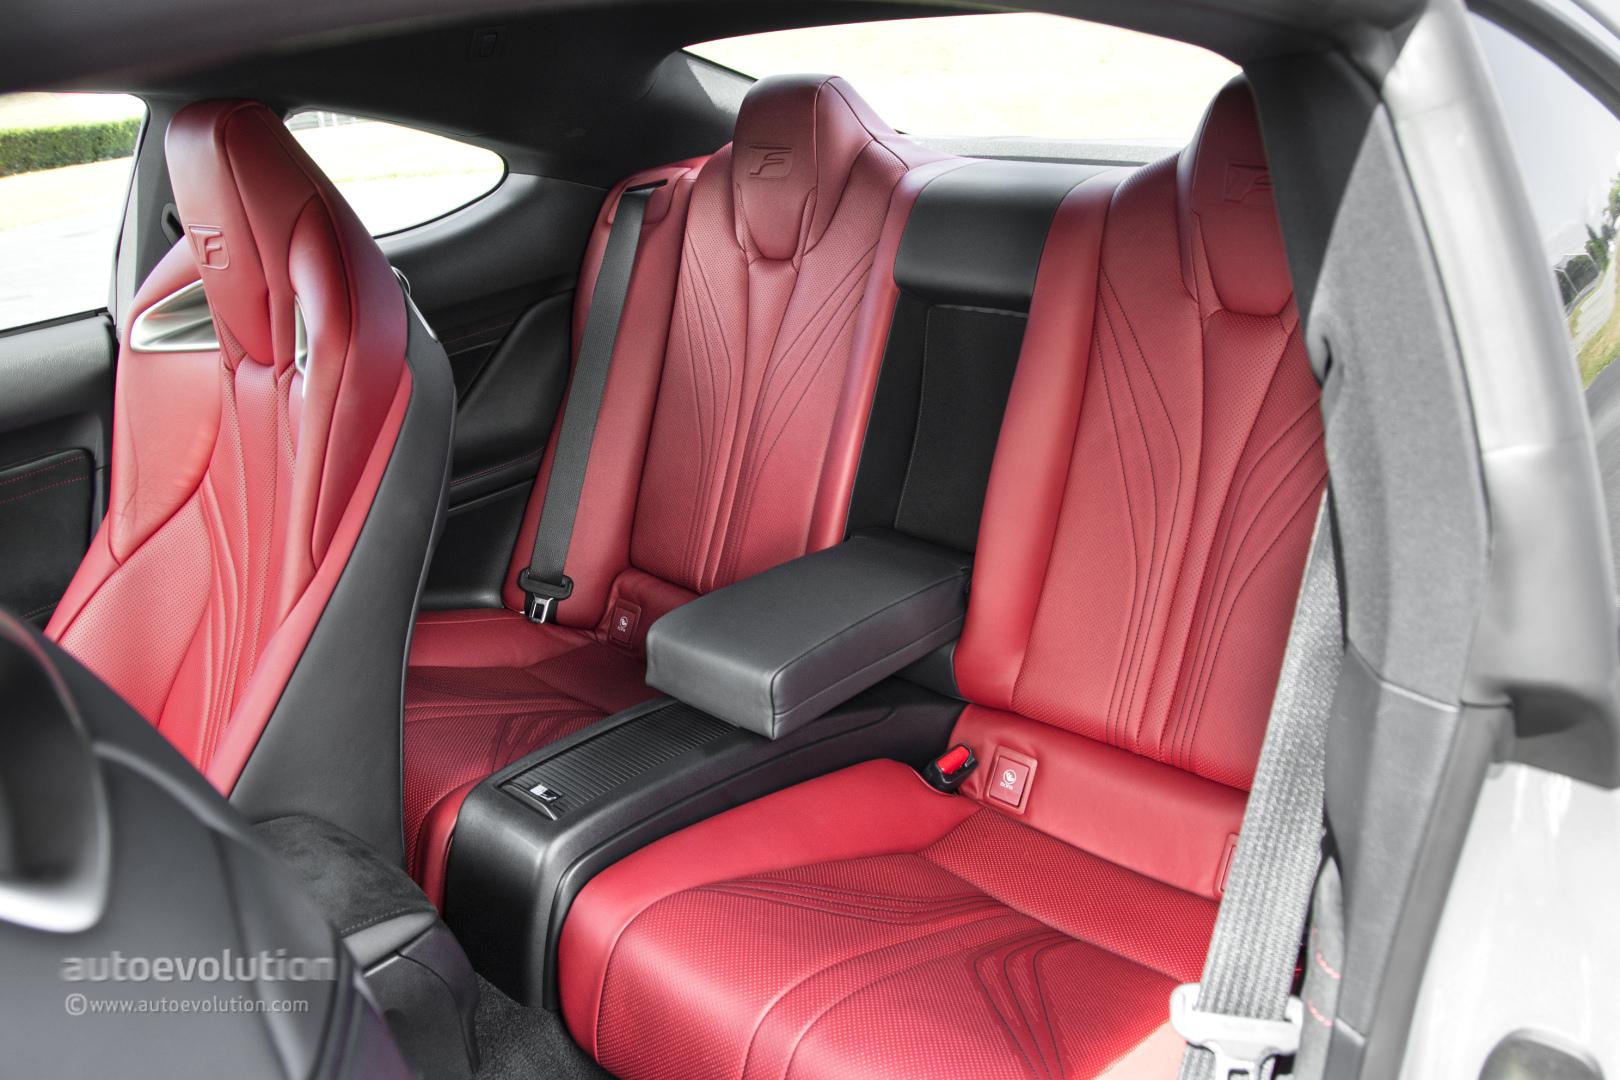 Build A Lexus >> 2015 LEXUS RC, RC F Review - autoevolution